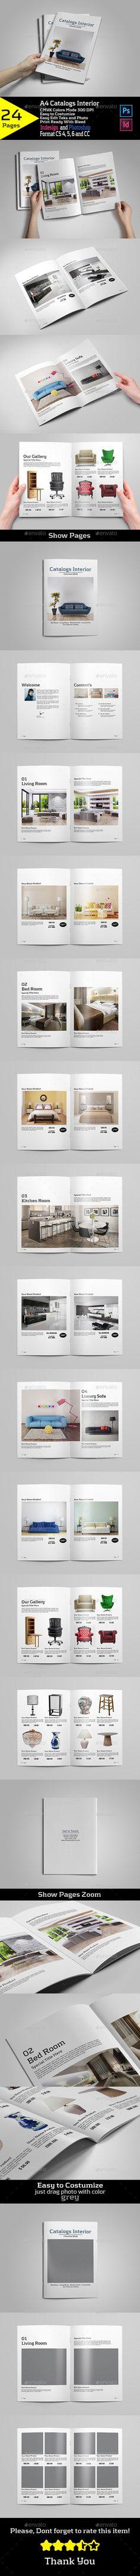 A4 Catalogs Interior